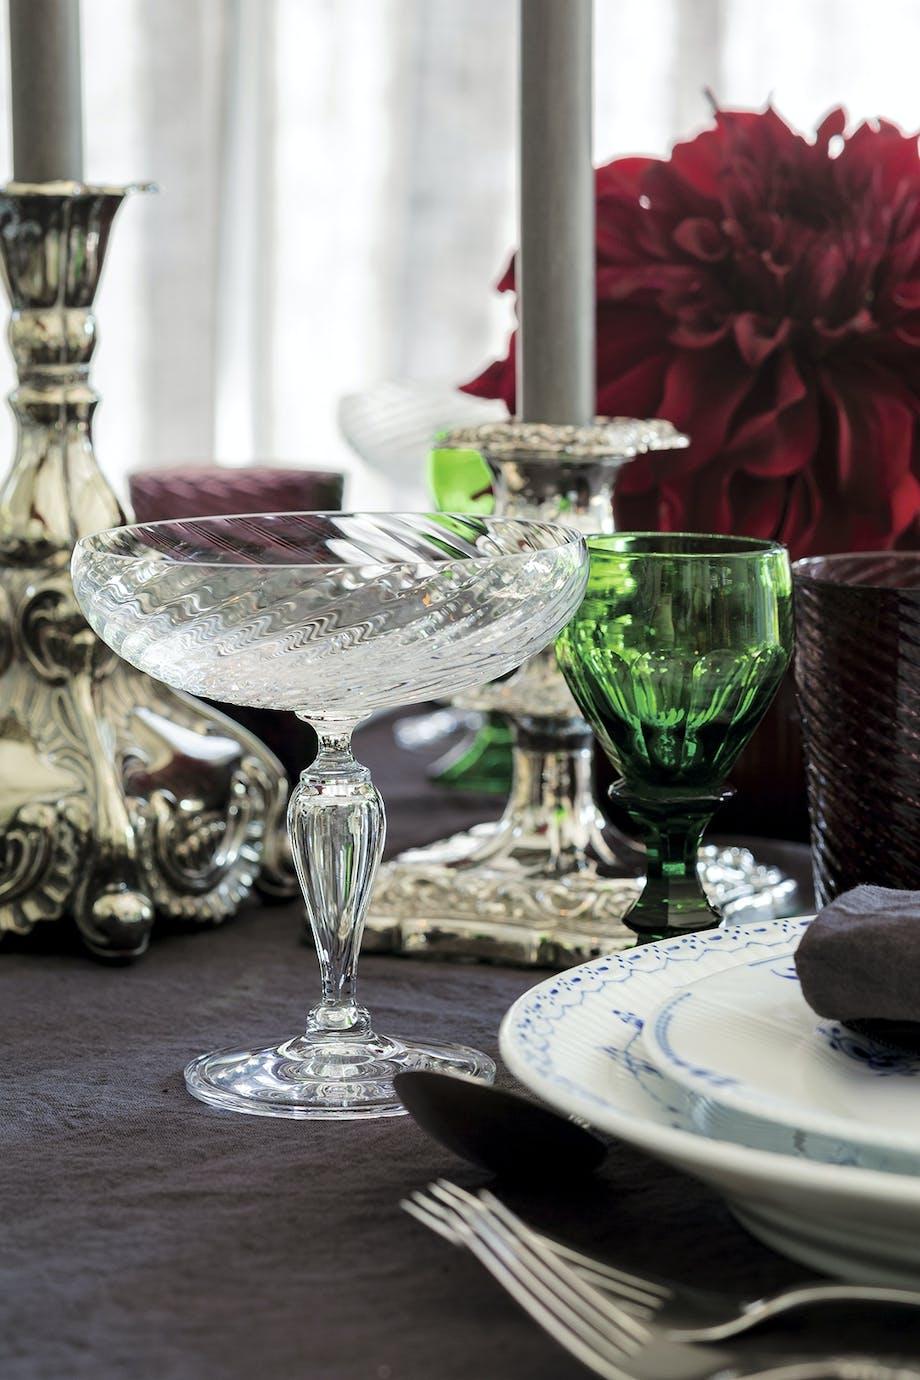 krystalglas vinglas borddækning